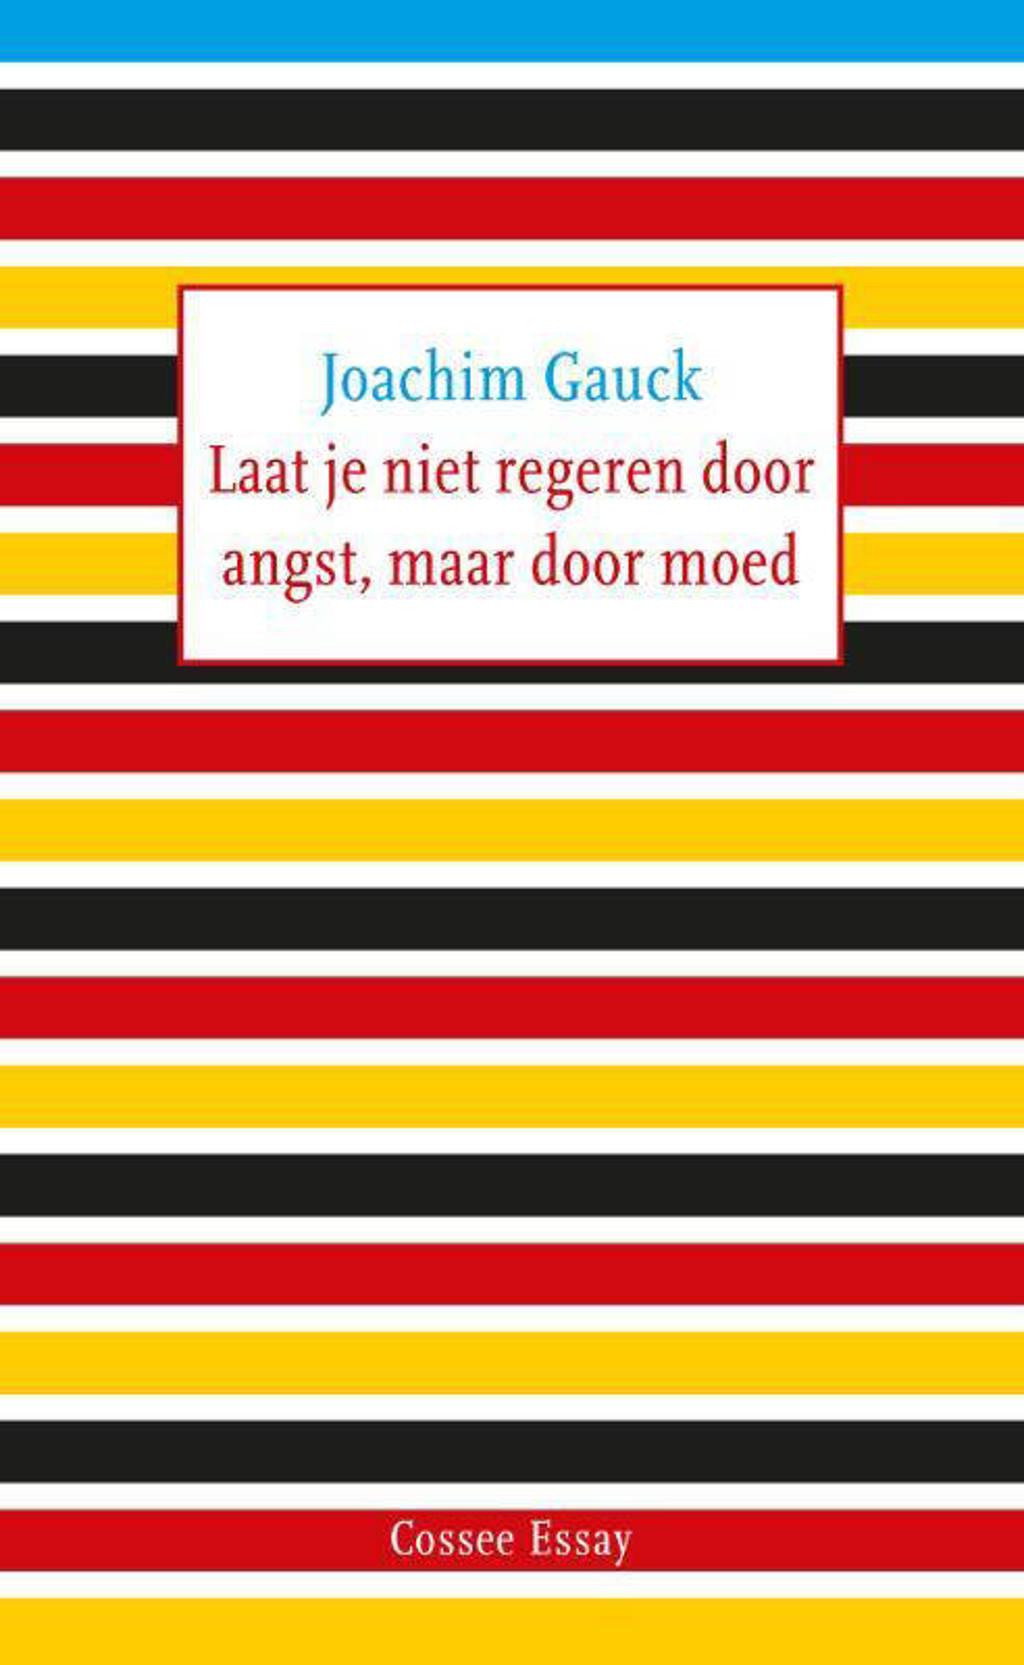 Cossee Essay: Laat je niet regeren door angst, maar door moed - Joachim Gauck